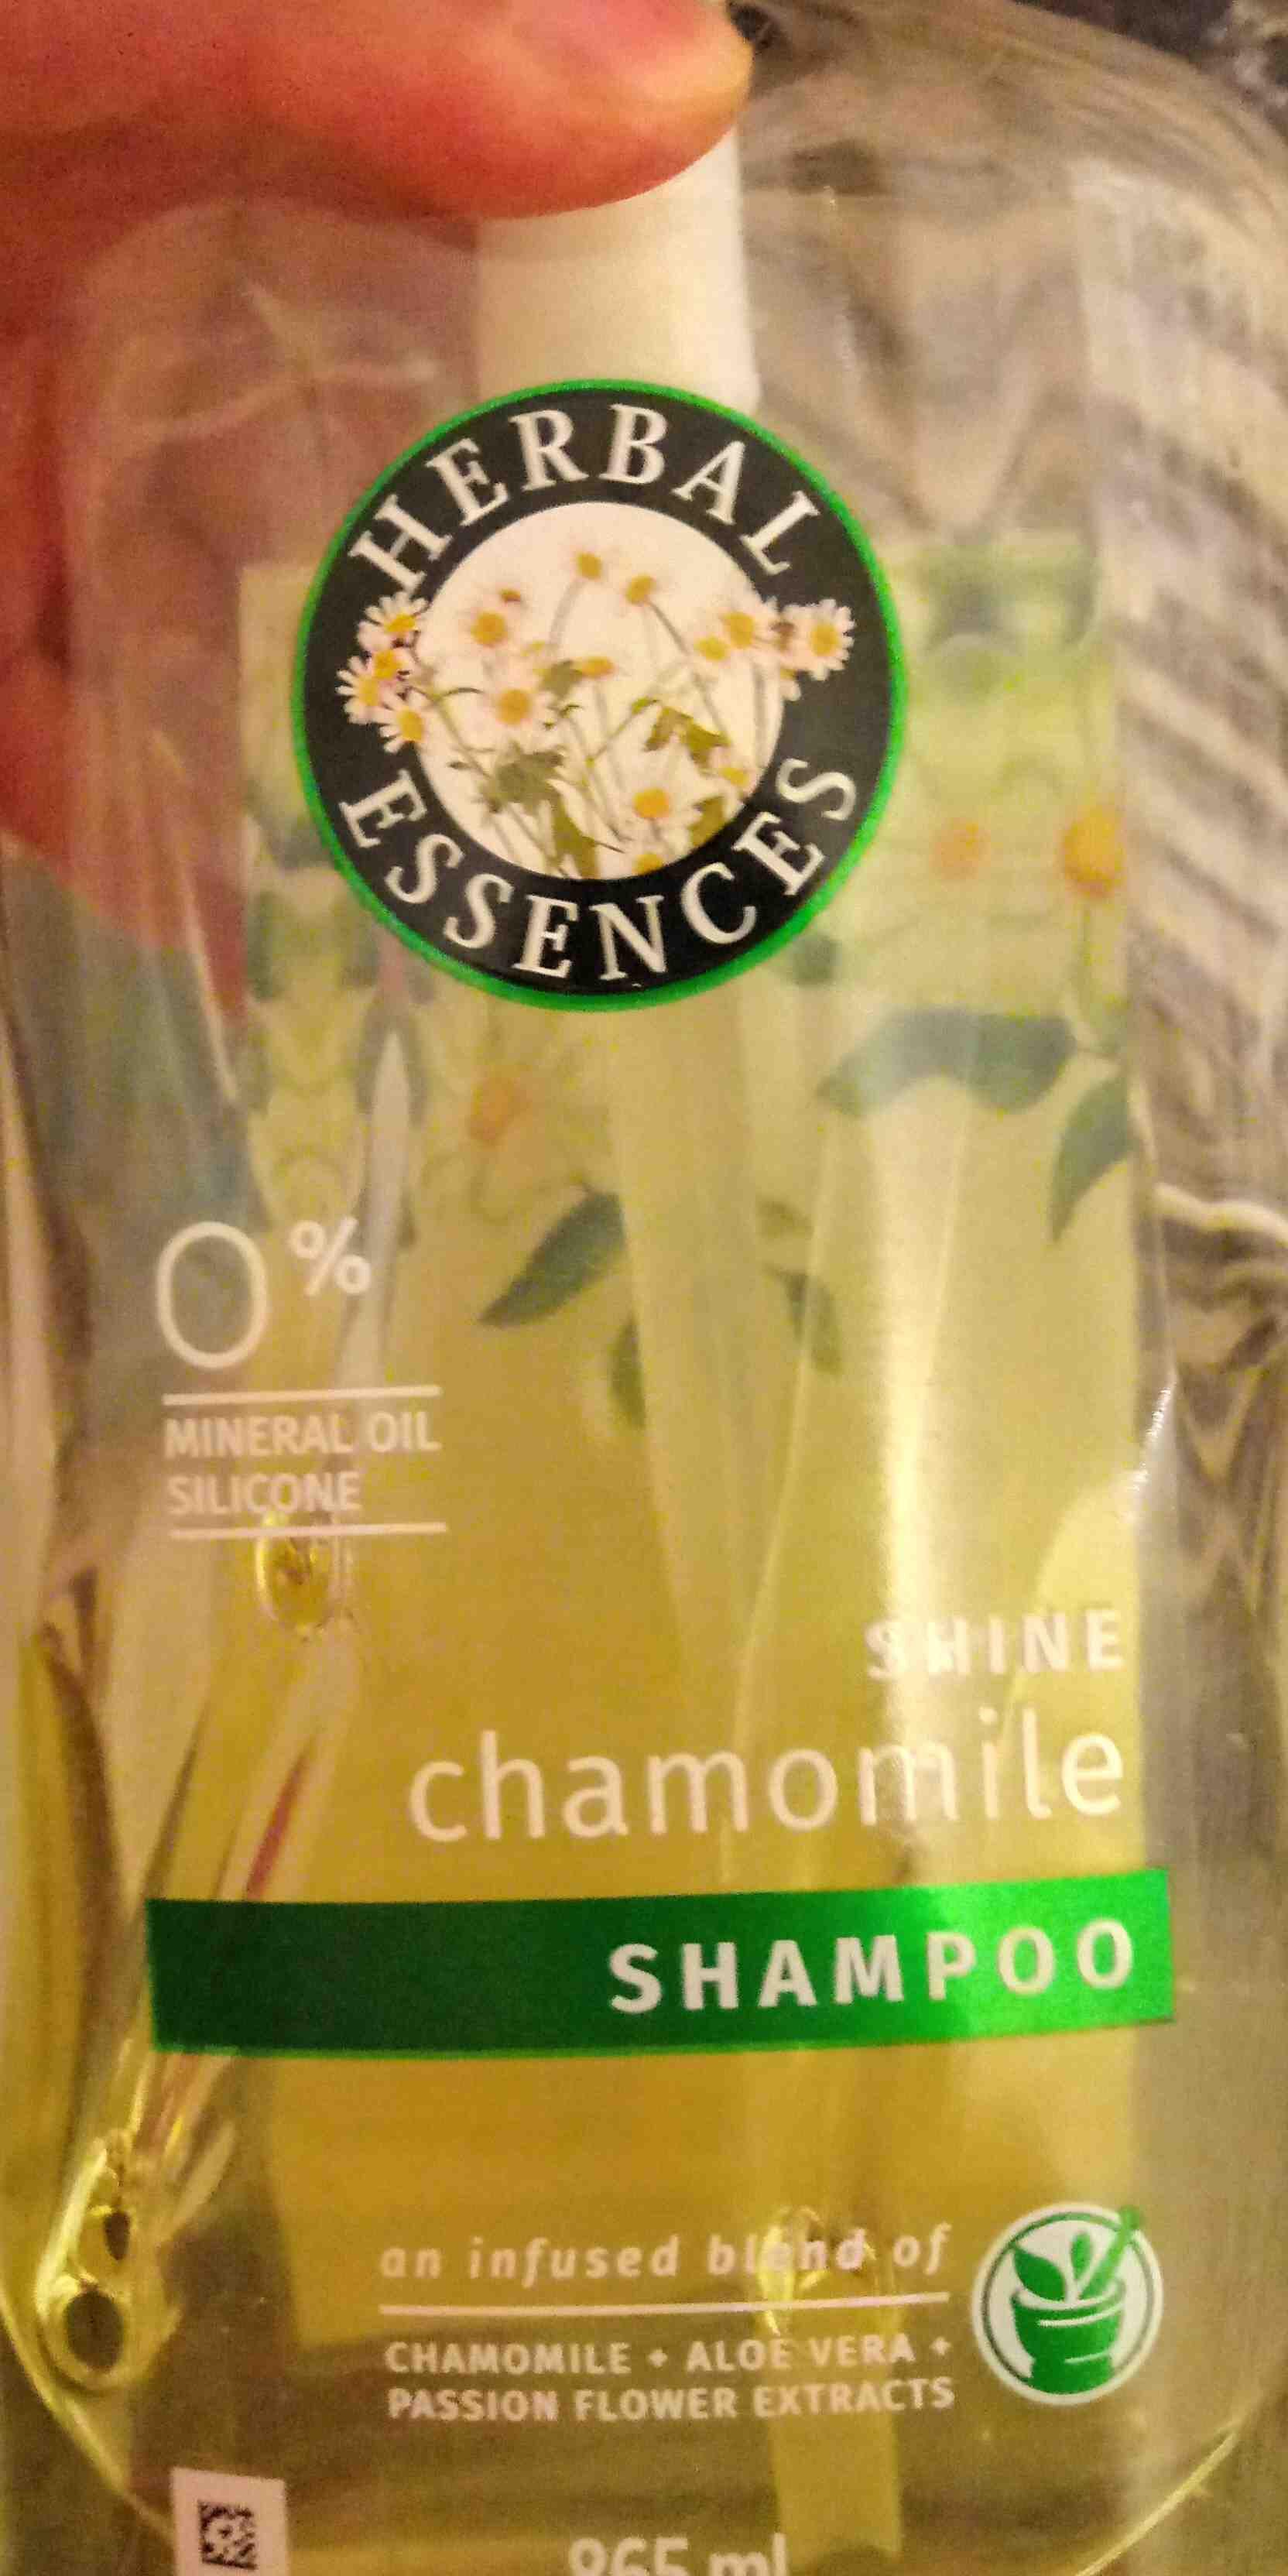 shampoo shampoo - Product - en